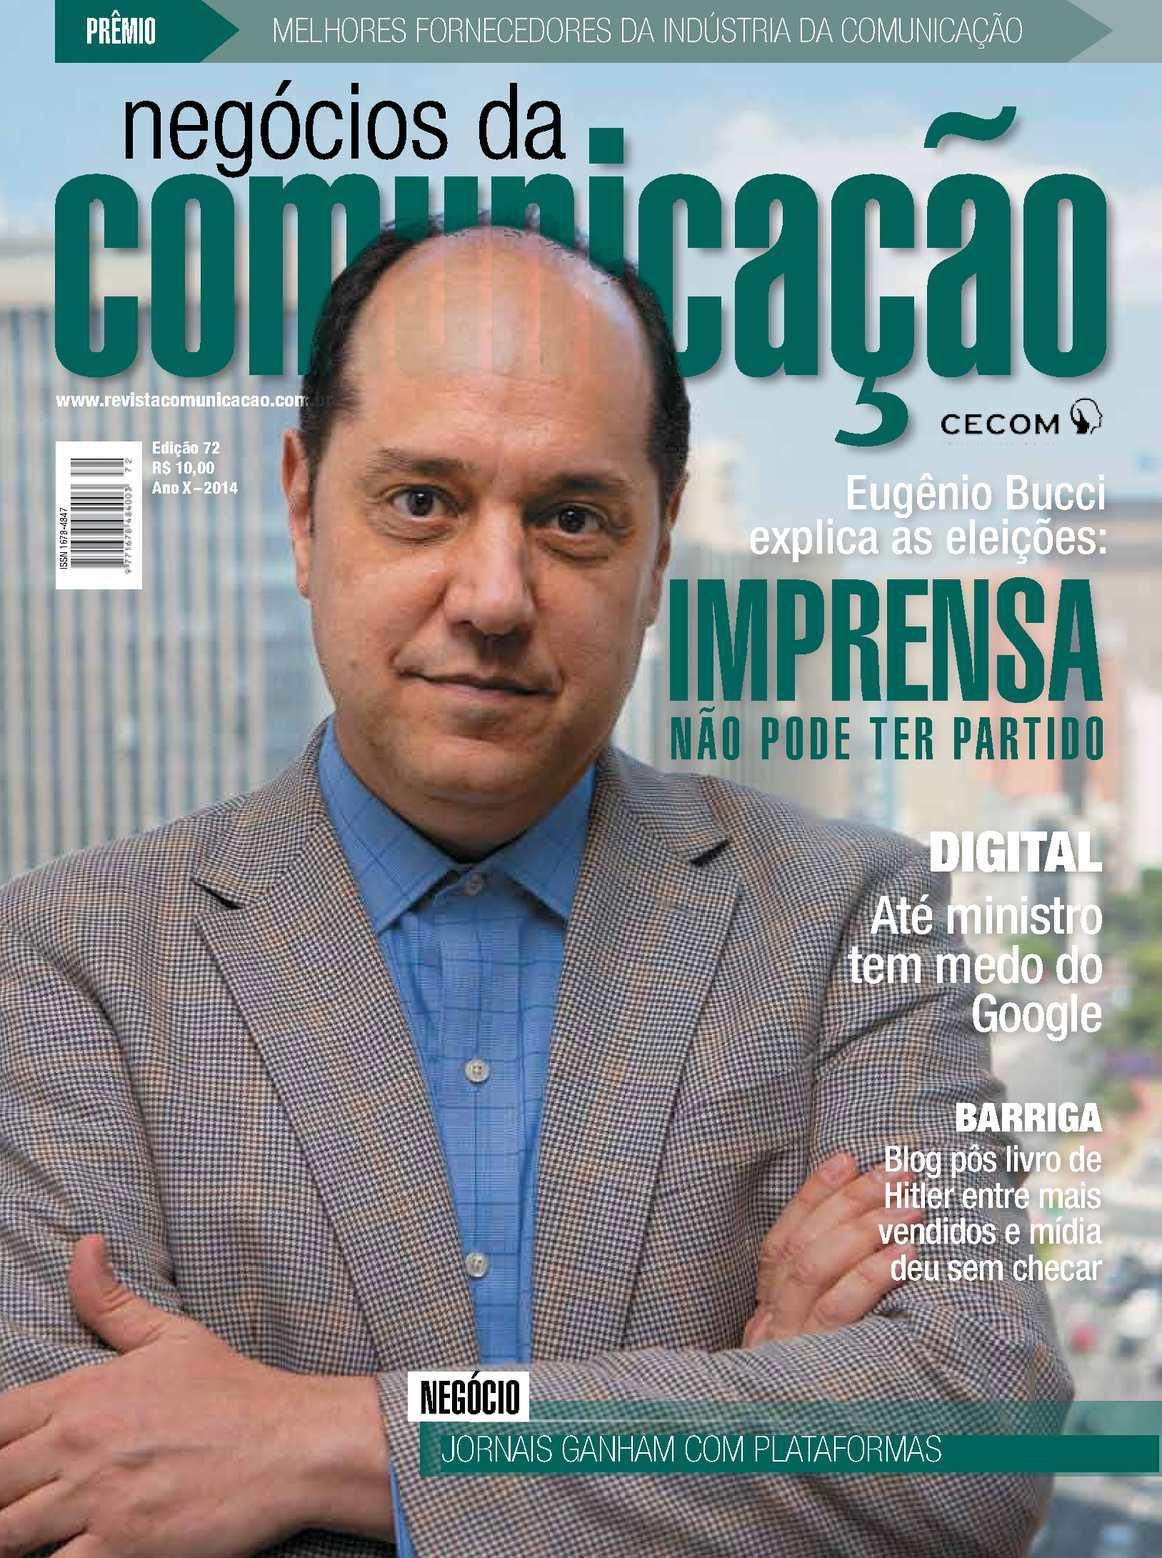 Calaméo - Negócios da Comunicação - Edição 72 e30ddf6c7d